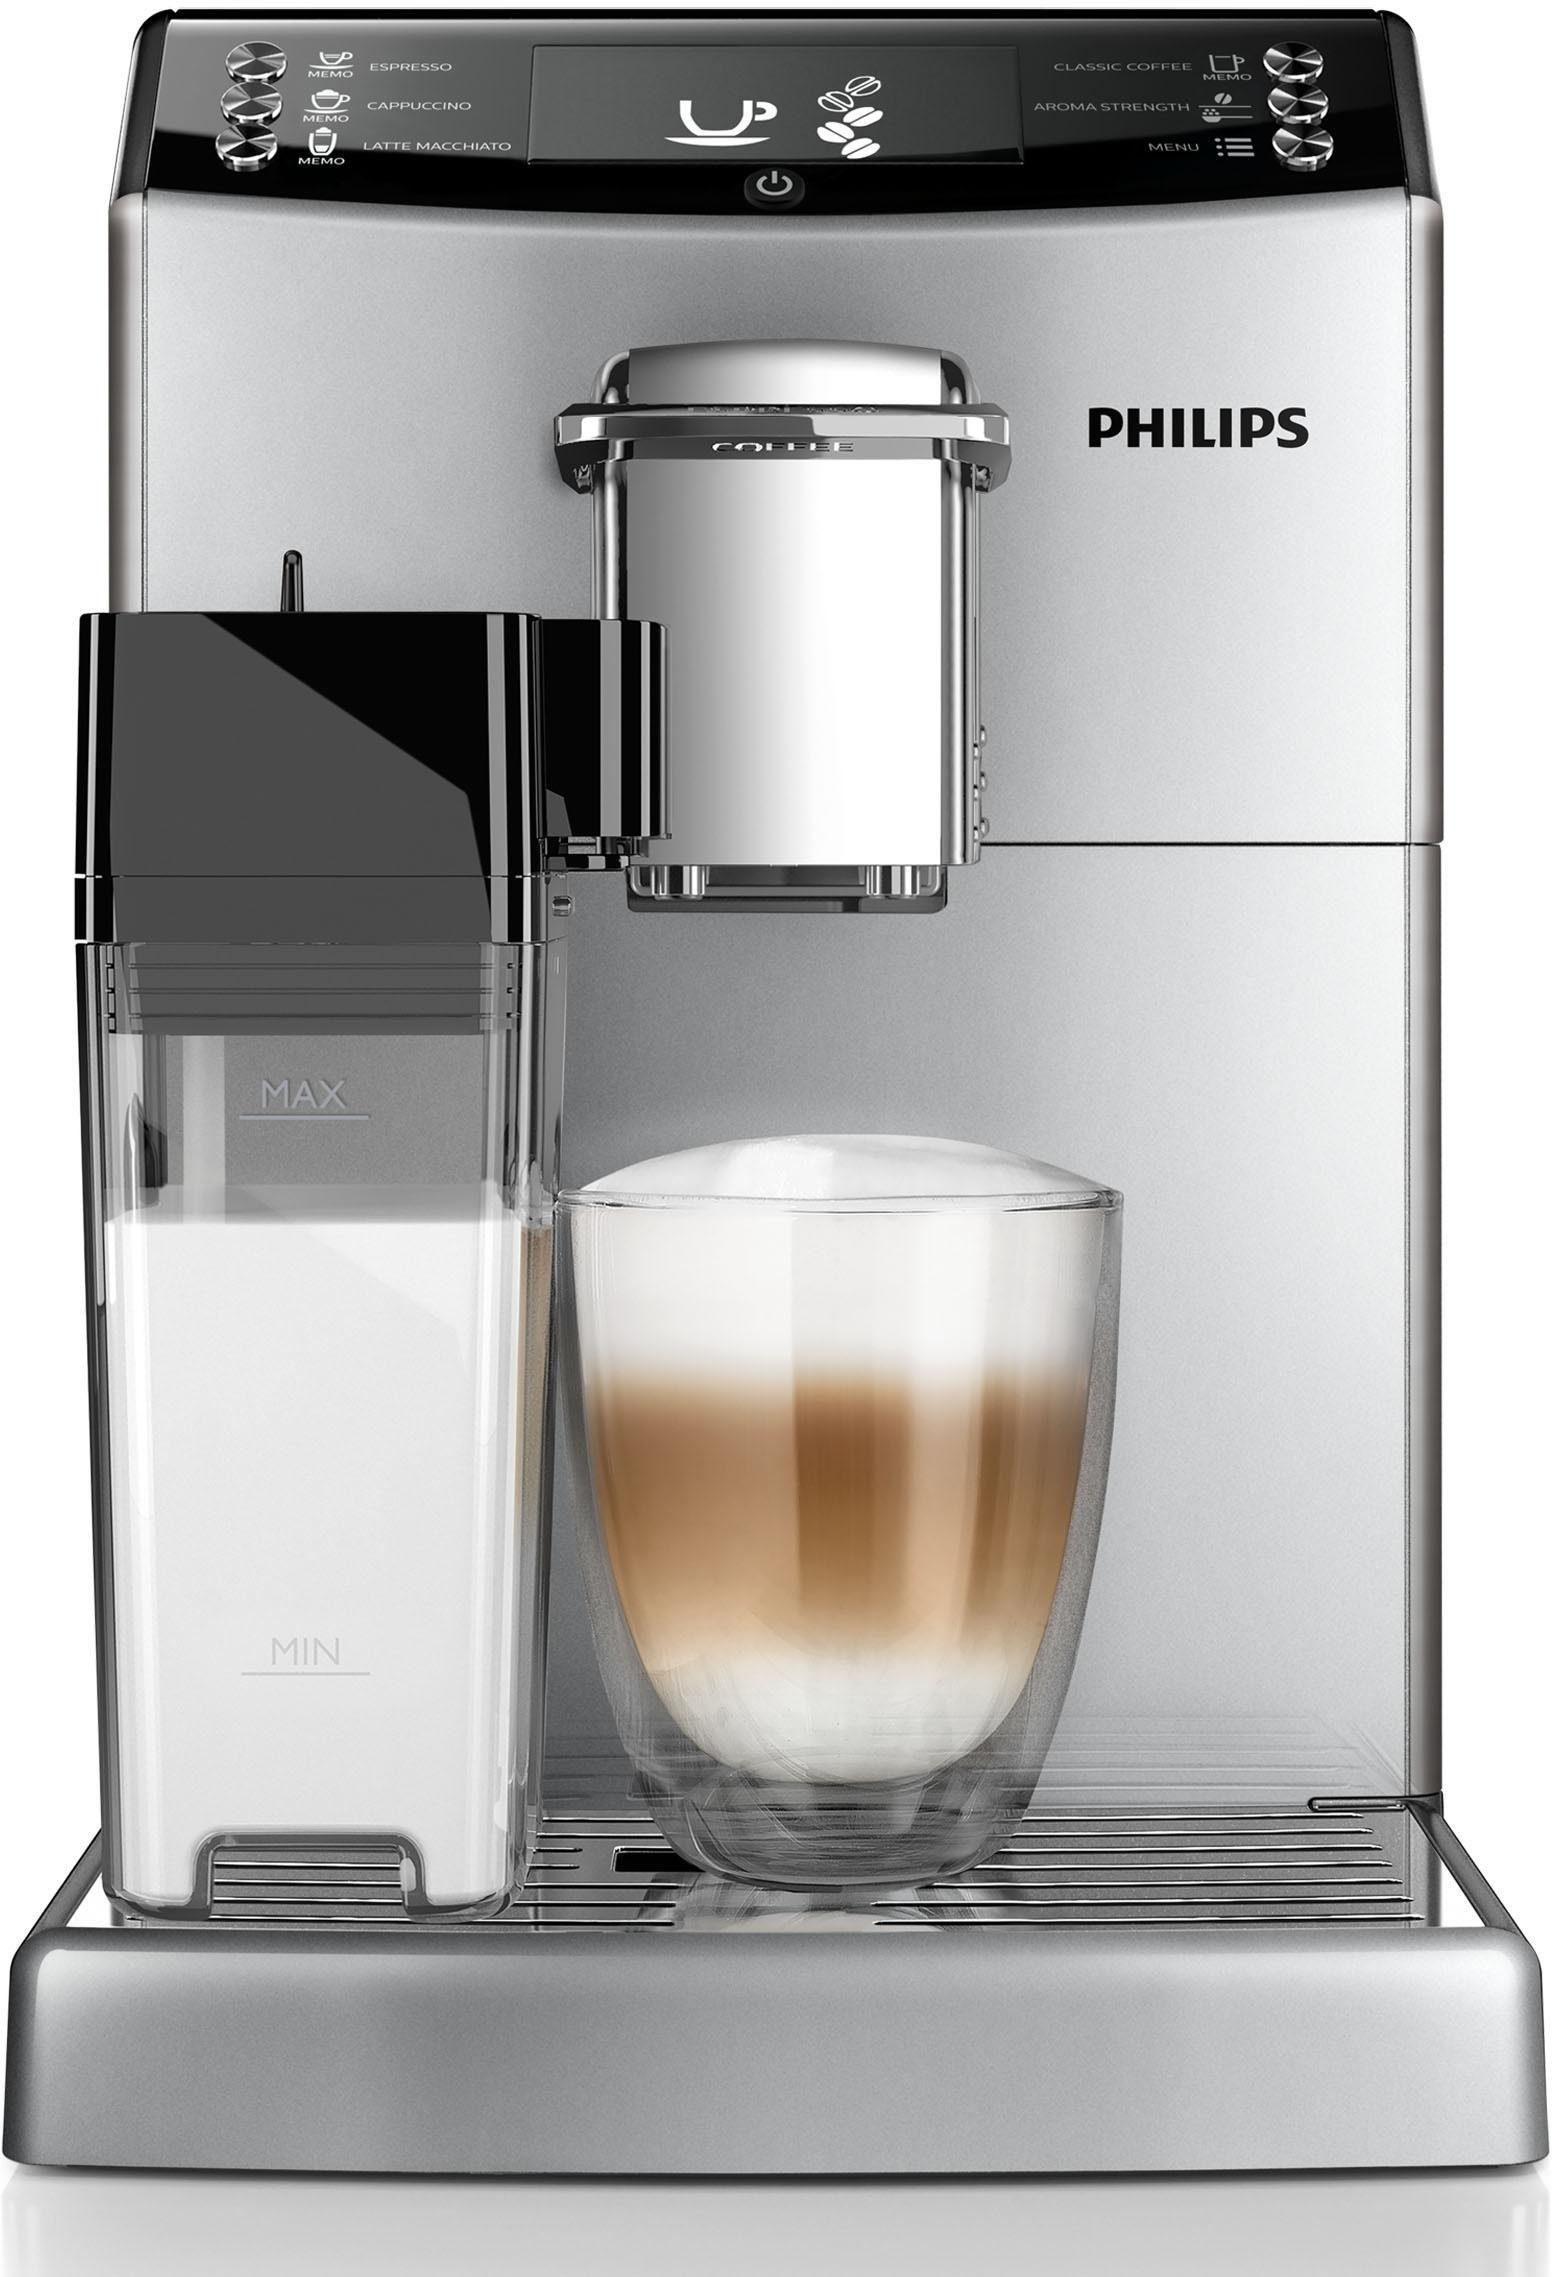 Philips Kaffeevollautomat 4000 Serie EP4050/10, 1,8l Tank, Scheibenmahlwerk, mit Milchkaraffe